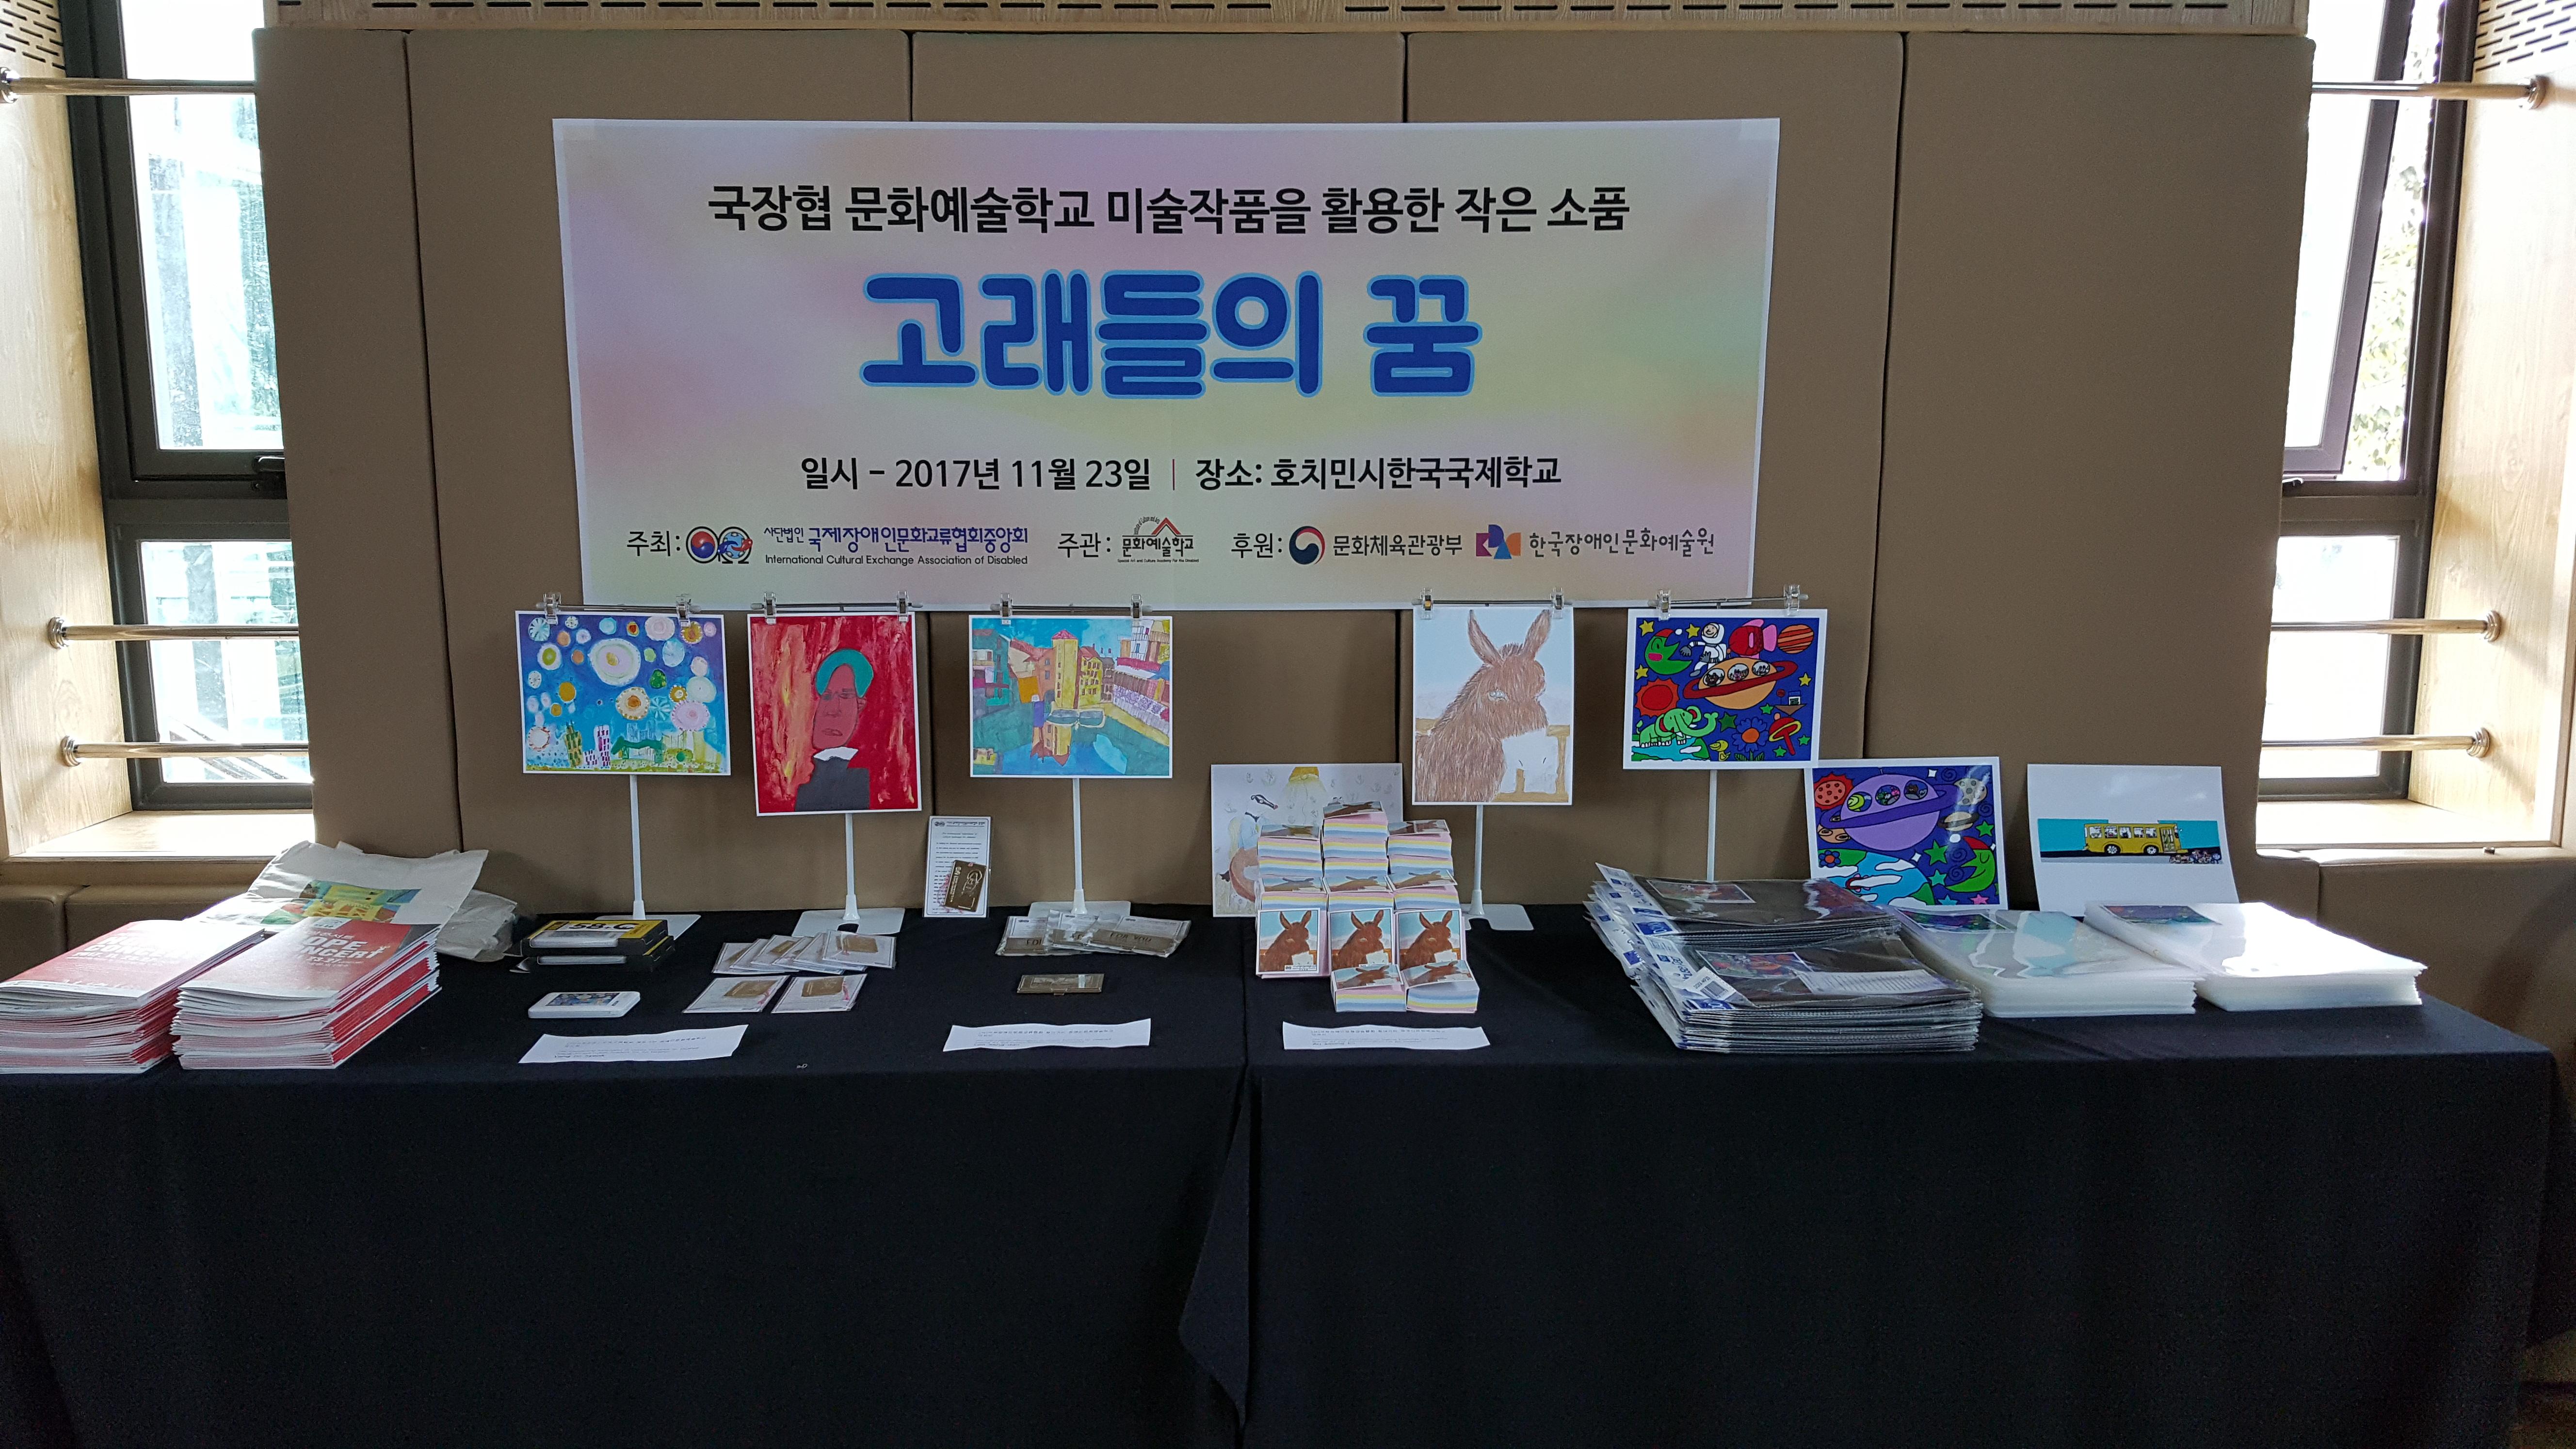 호치민시한국국제학교 고래들의꿈전 부대프로그램.jpg